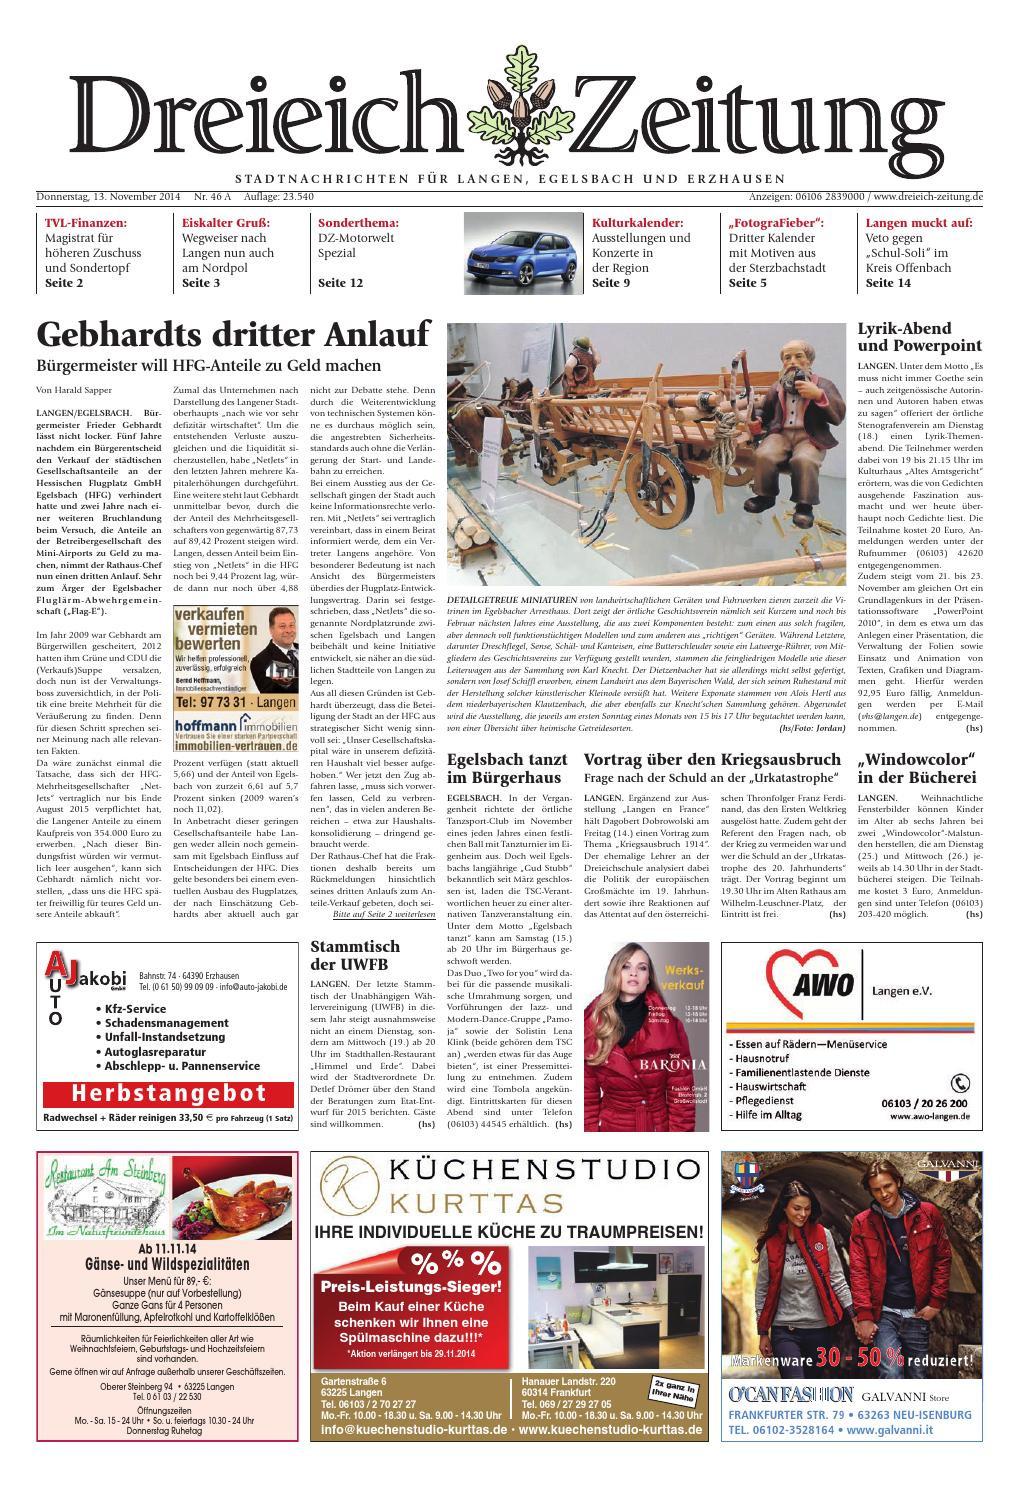 20 Luxus M&L Abendkleider Dreieich GalerieAbend Kreativ M&L Abendkleider Dreieich Design